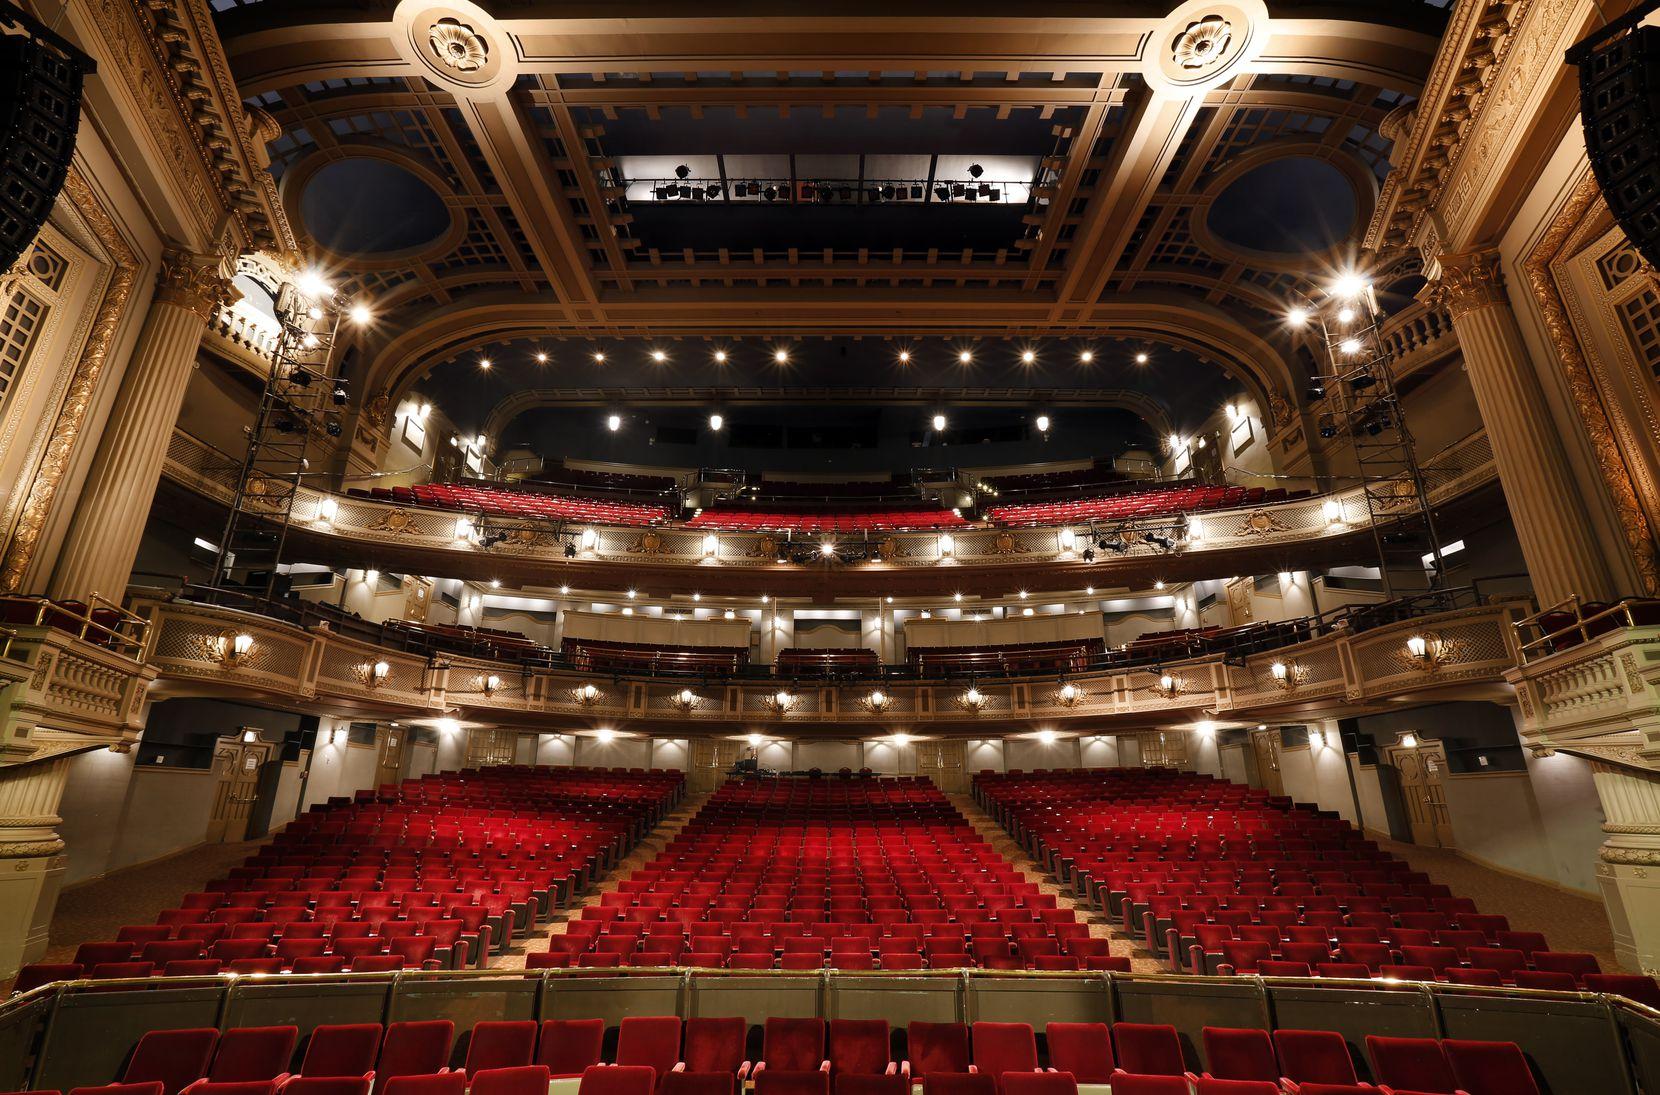 El histórico Majestic Theatre al parecer viene con su propio fantasma.